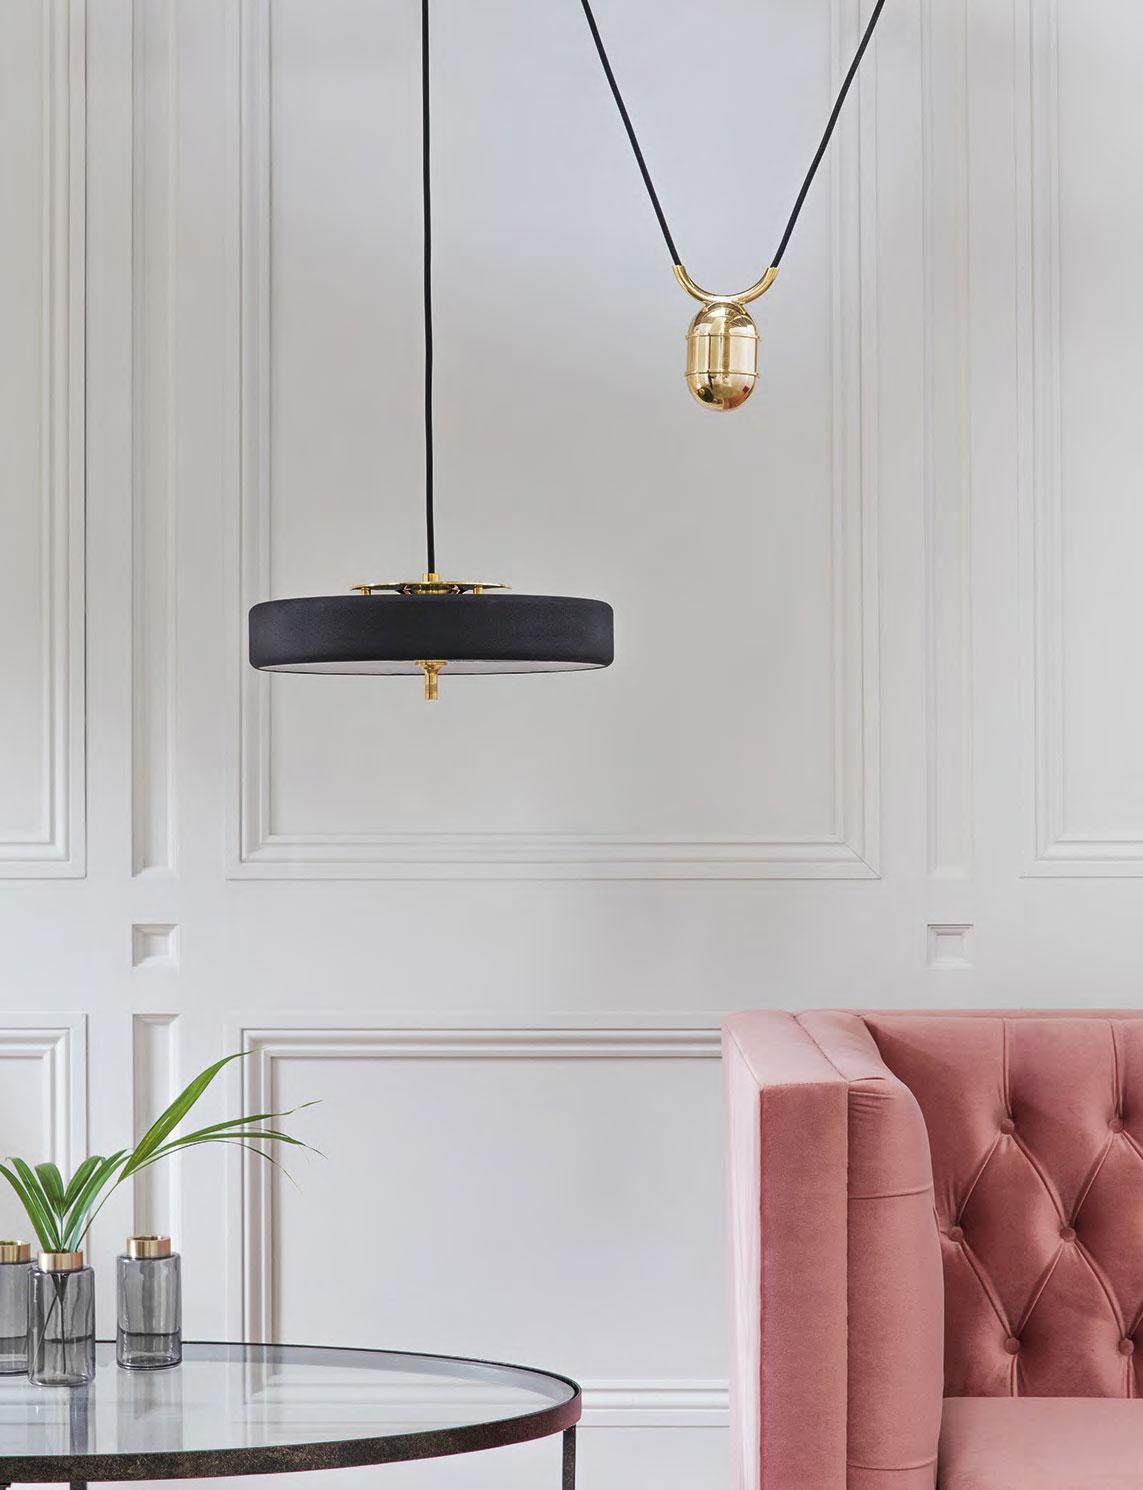 REVOLVE RISE & FALL pendant lamp by Bert Frank.